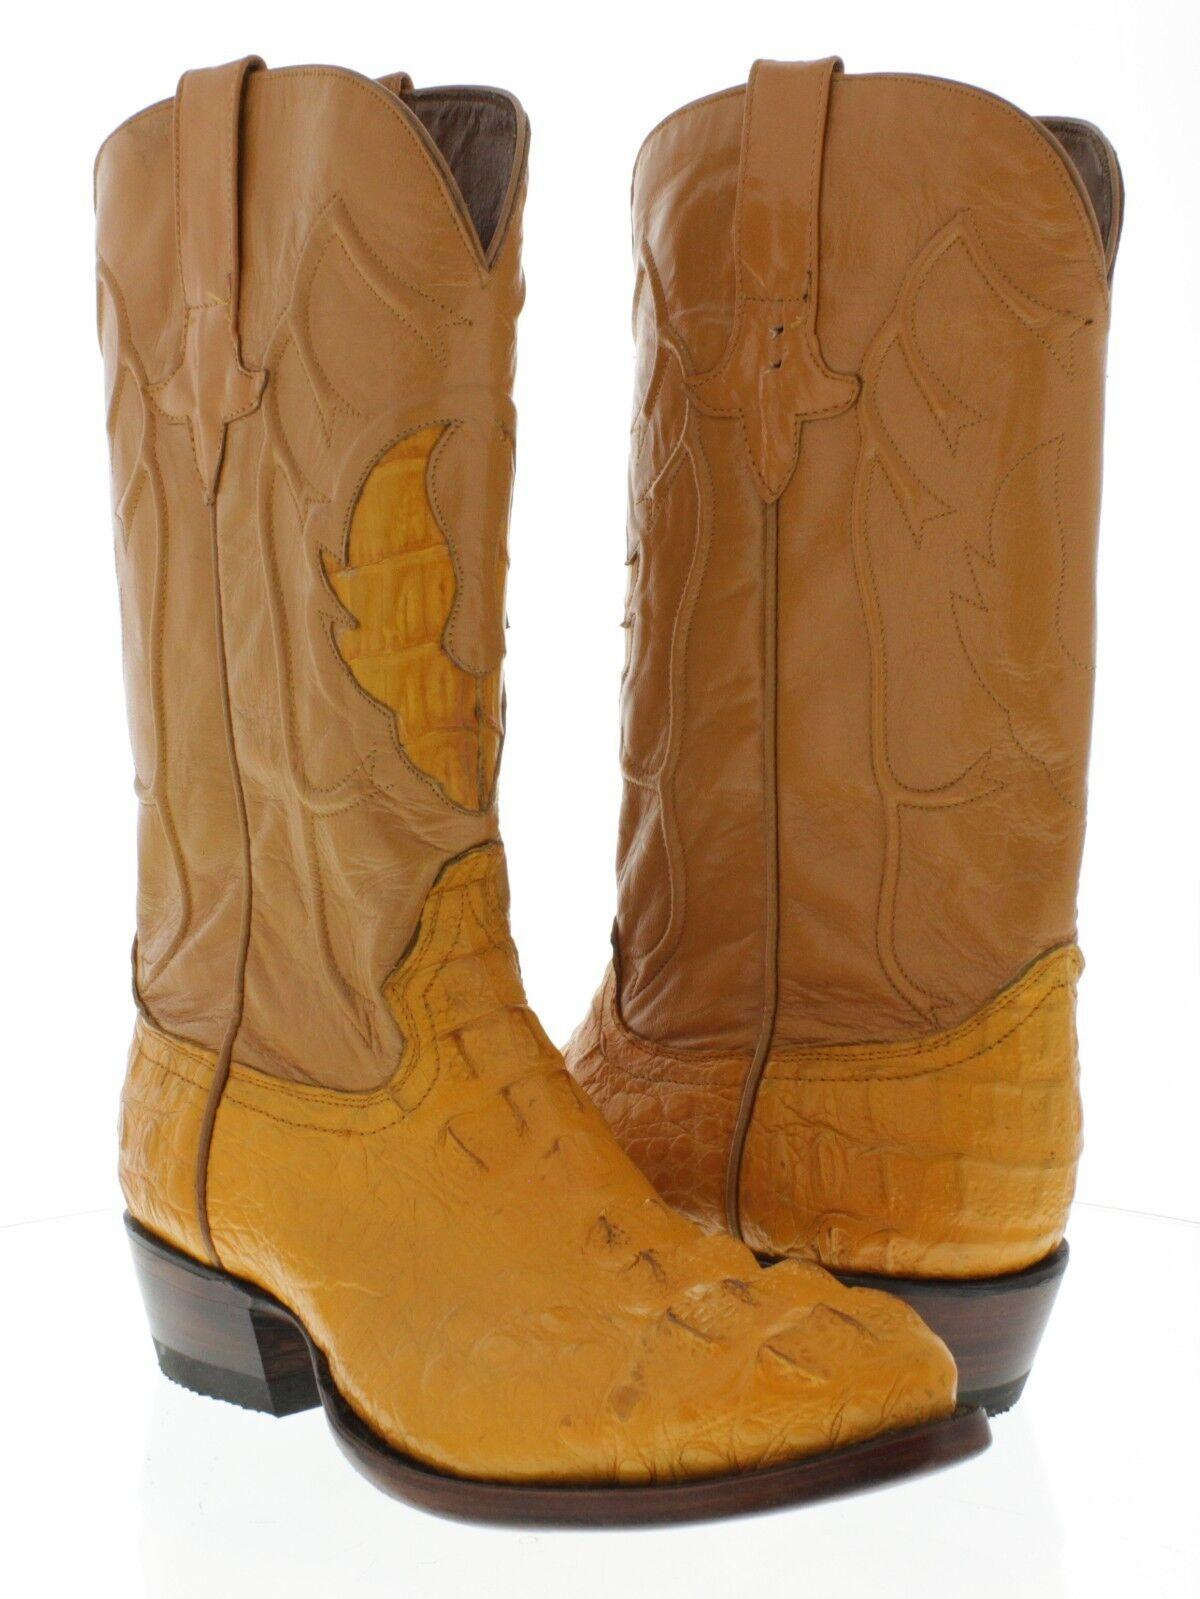 Cocodrilo Cocodrilo Genuino Naranja Para Hombre botas de vaquero occidental J del Dedo del Pie